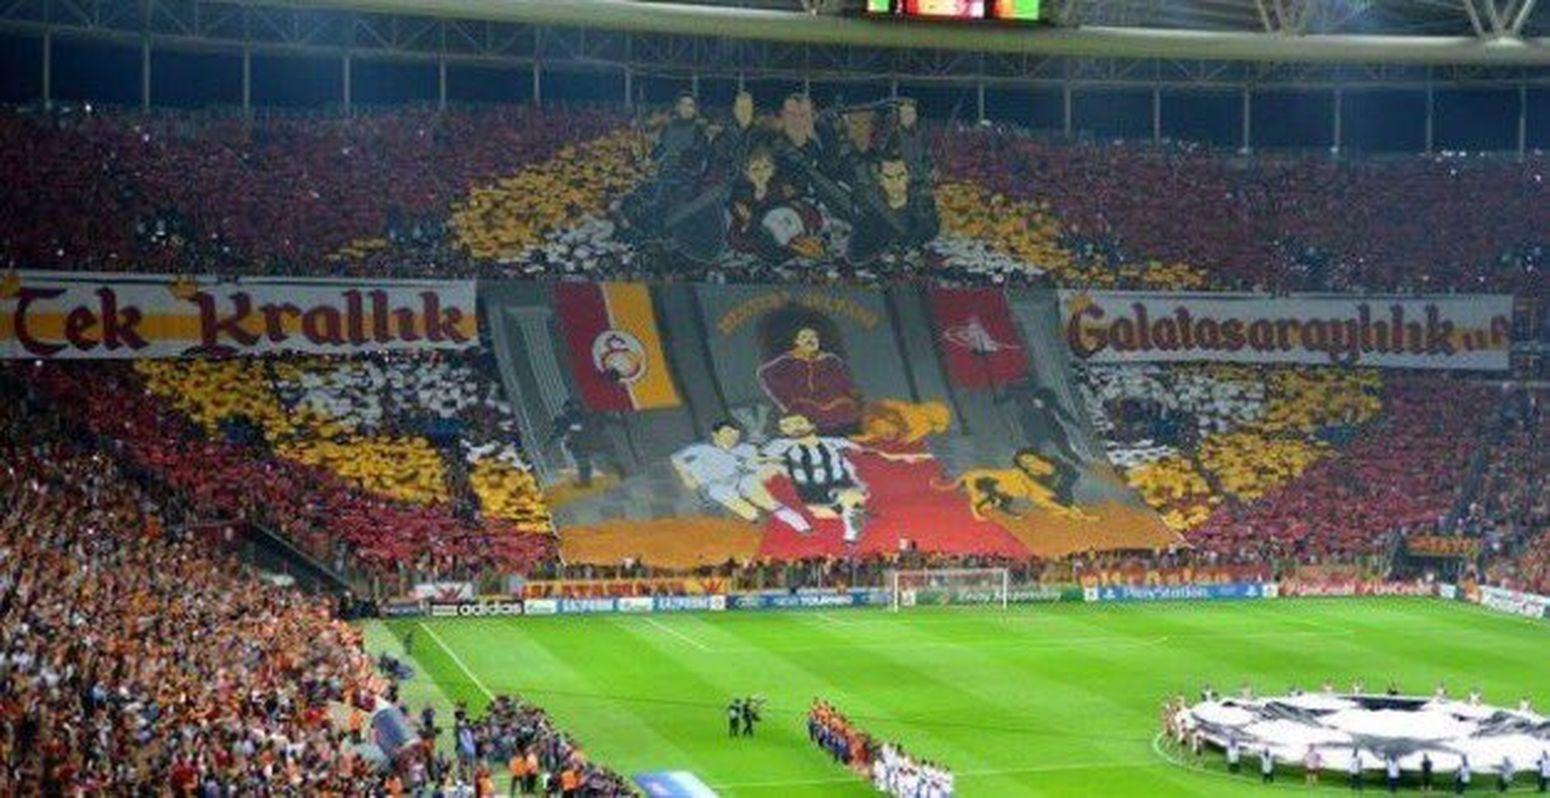 Galatasaray Cimbom 💛❤️ GALATASARAY ☝☝ Felipe Melo💛❤ Johan Elmander💛❤ Semih Kaya💛❤ Garry Rodrigues 💛❤ Martin Linnes💛❤ Jason Denayer💛❤ Yasin Öztekin💛❤ Lucas Podolski💛❤ Emmanuel Eboué💛❤ Fatih Terim💛❤ Galatasaray Sevdası😍 Muslera💕 Josue💛❤ Wesley ❤ Armindo Bruma💛❤ Didier Drogba💛❤ Hakan Balta💛❤ TolgaCigerci💛❤ Sinan Gümüş💛❤ Selçuk İnan💛❤ BurakYılmaz💛❤ Sabri Sarıoğlu💛❤